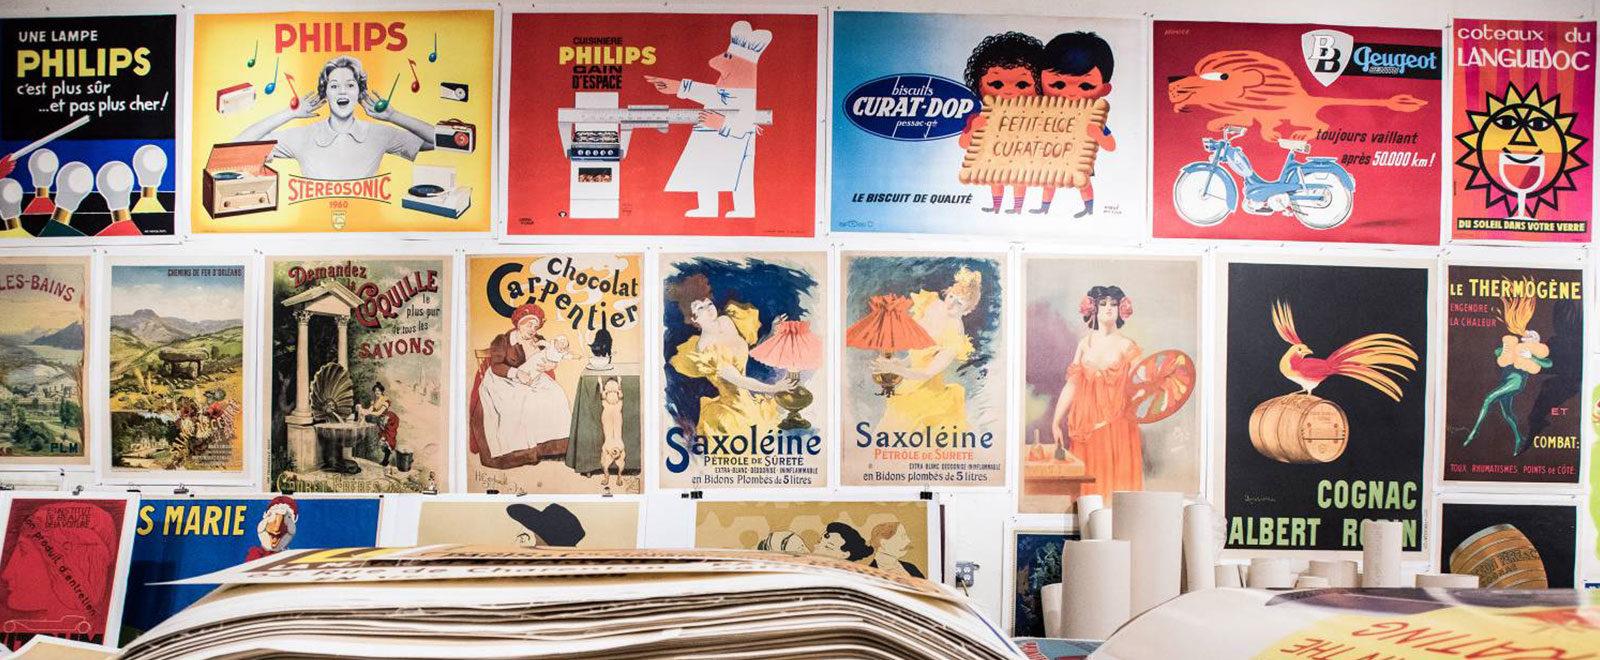 Dünyanın en büyük poster müzesi 500 bin afiş sergiliyor